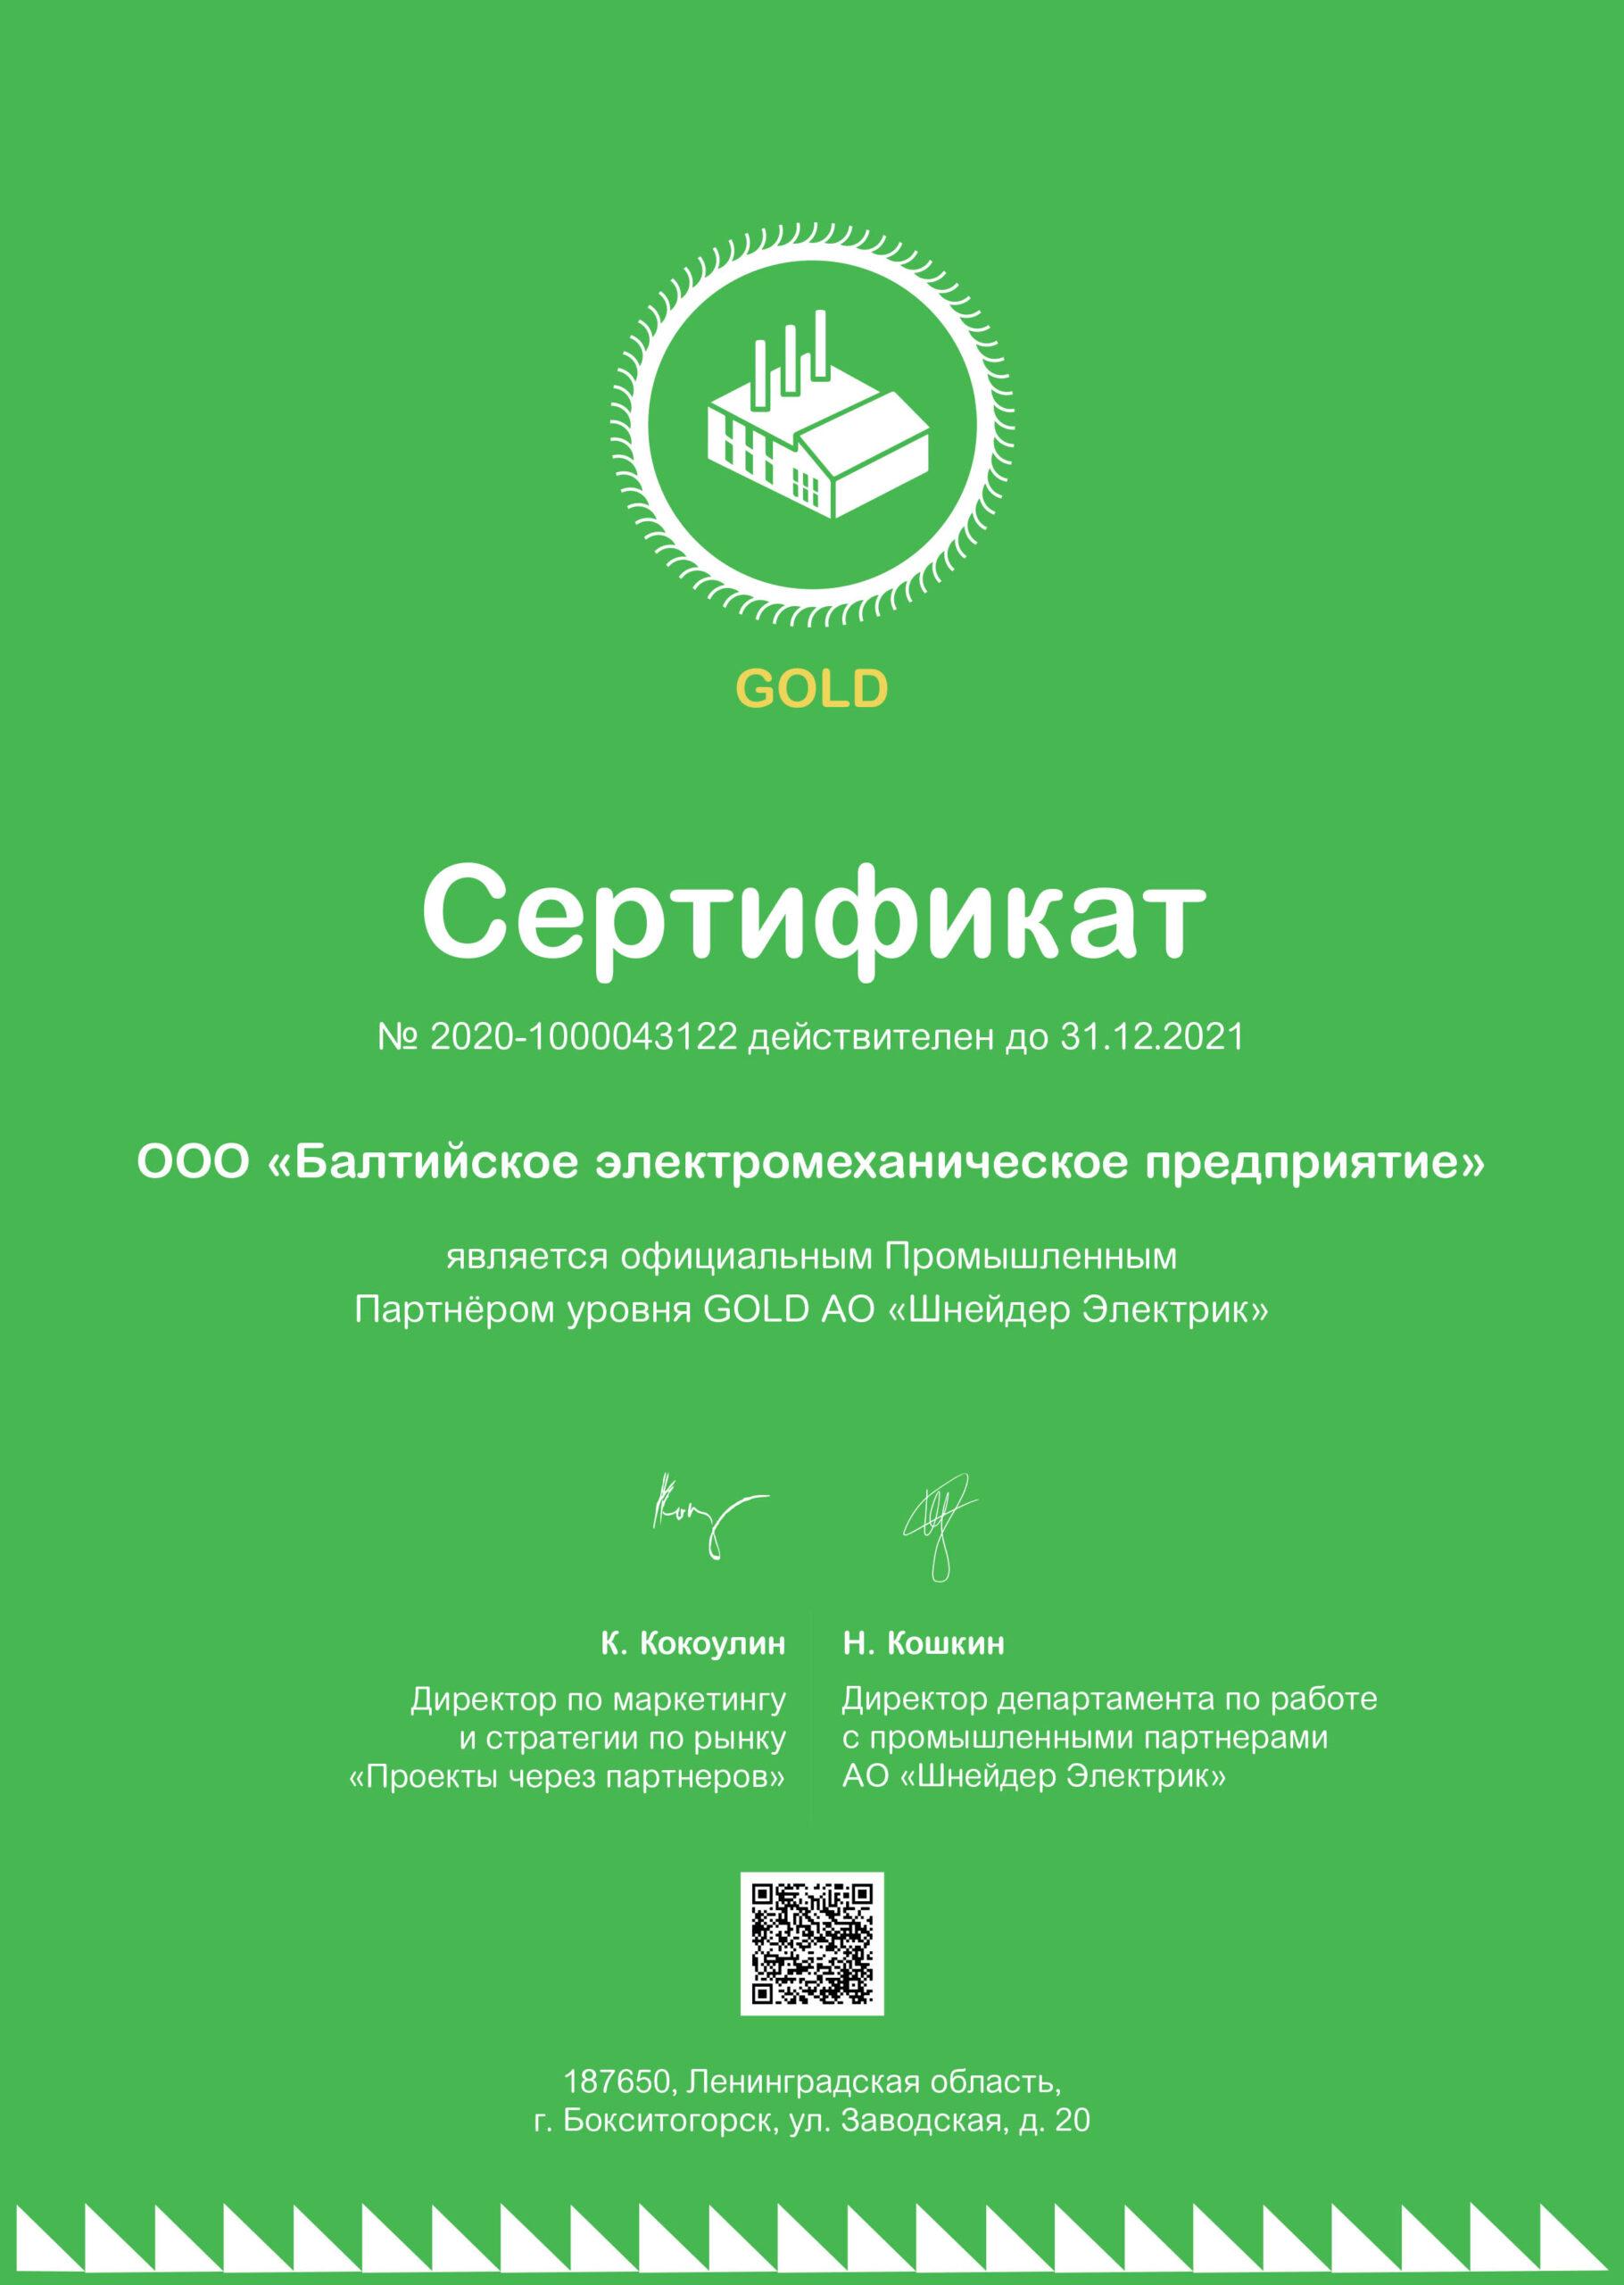 Сертификат Шнейдер Электрик 31.12.2021